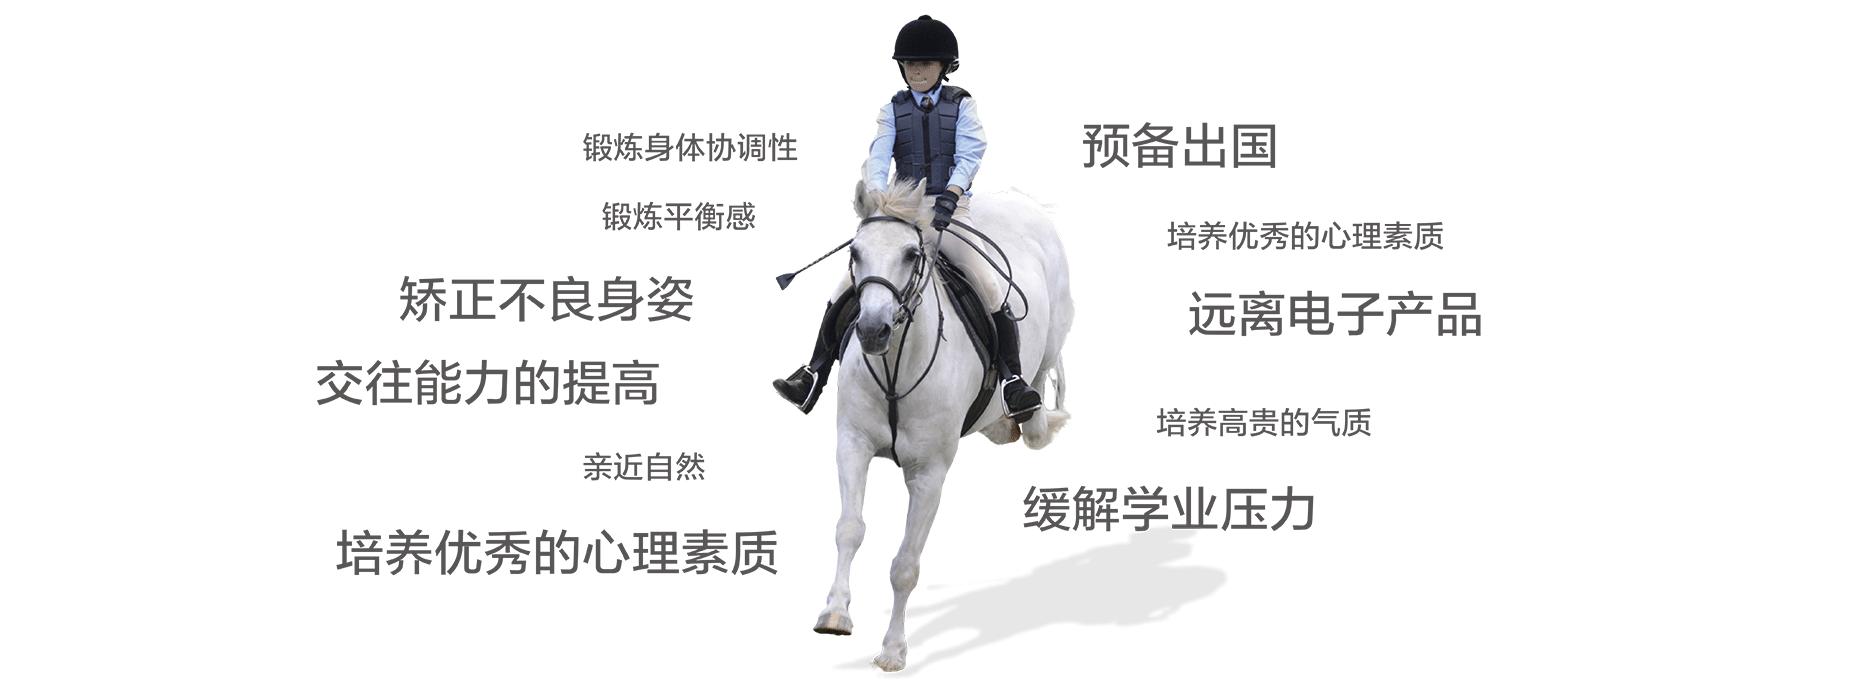 深圳马术培训